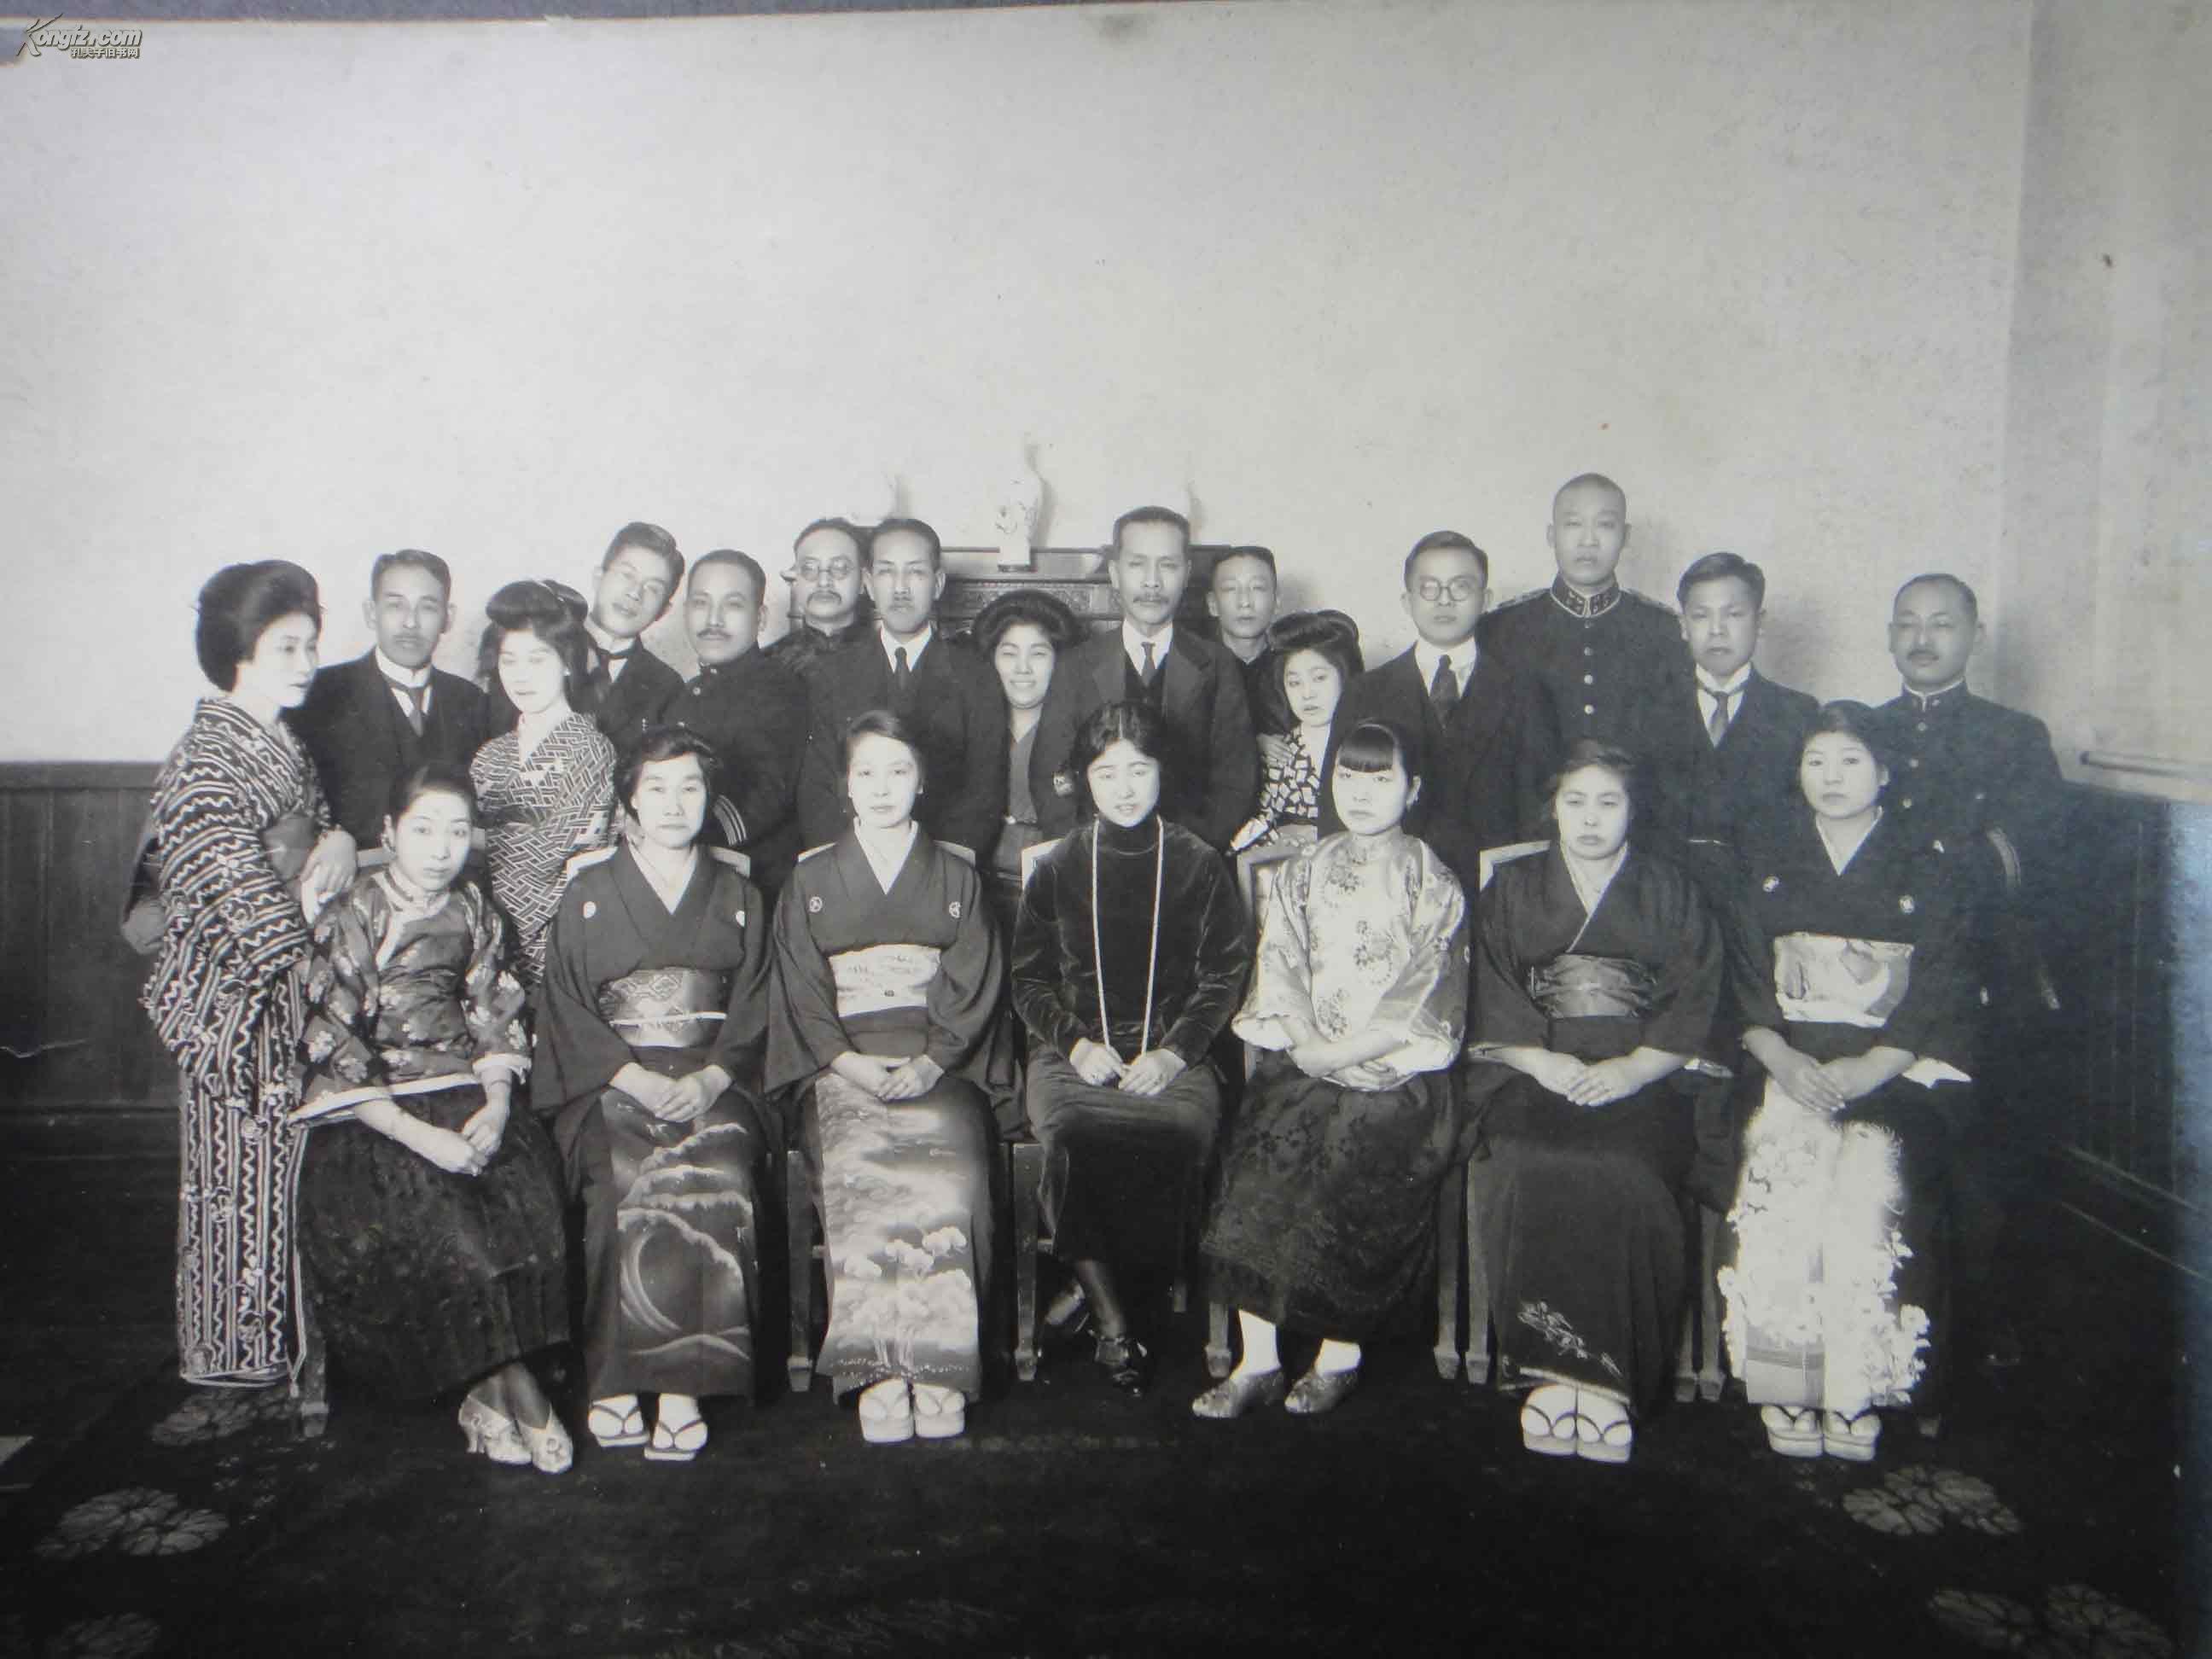 1925年拍摄原版老照片《副领事送别之宴,内有辽沈道道尹荣厚》